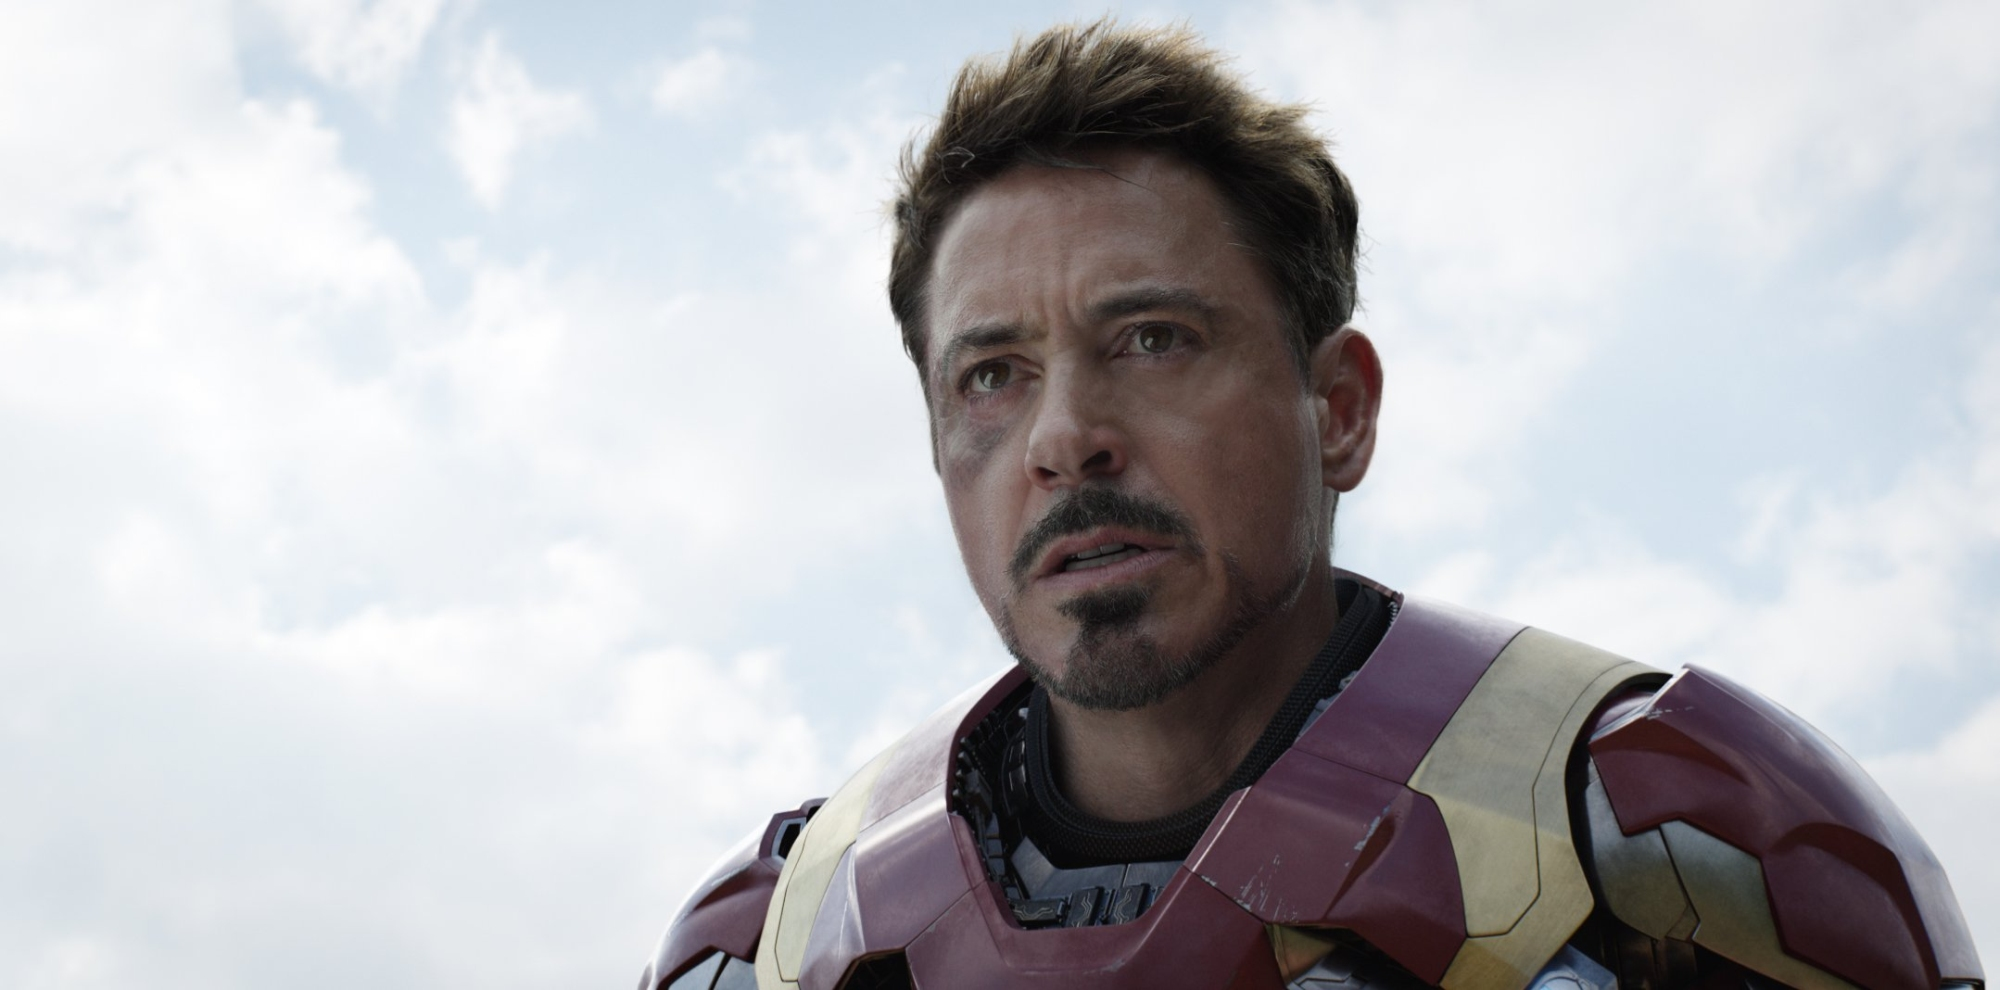 Avengers: Endgame: Osudy Iron Mana a Captaina Americy byly naplánovány ještě před Civil War | Fandíme filmu